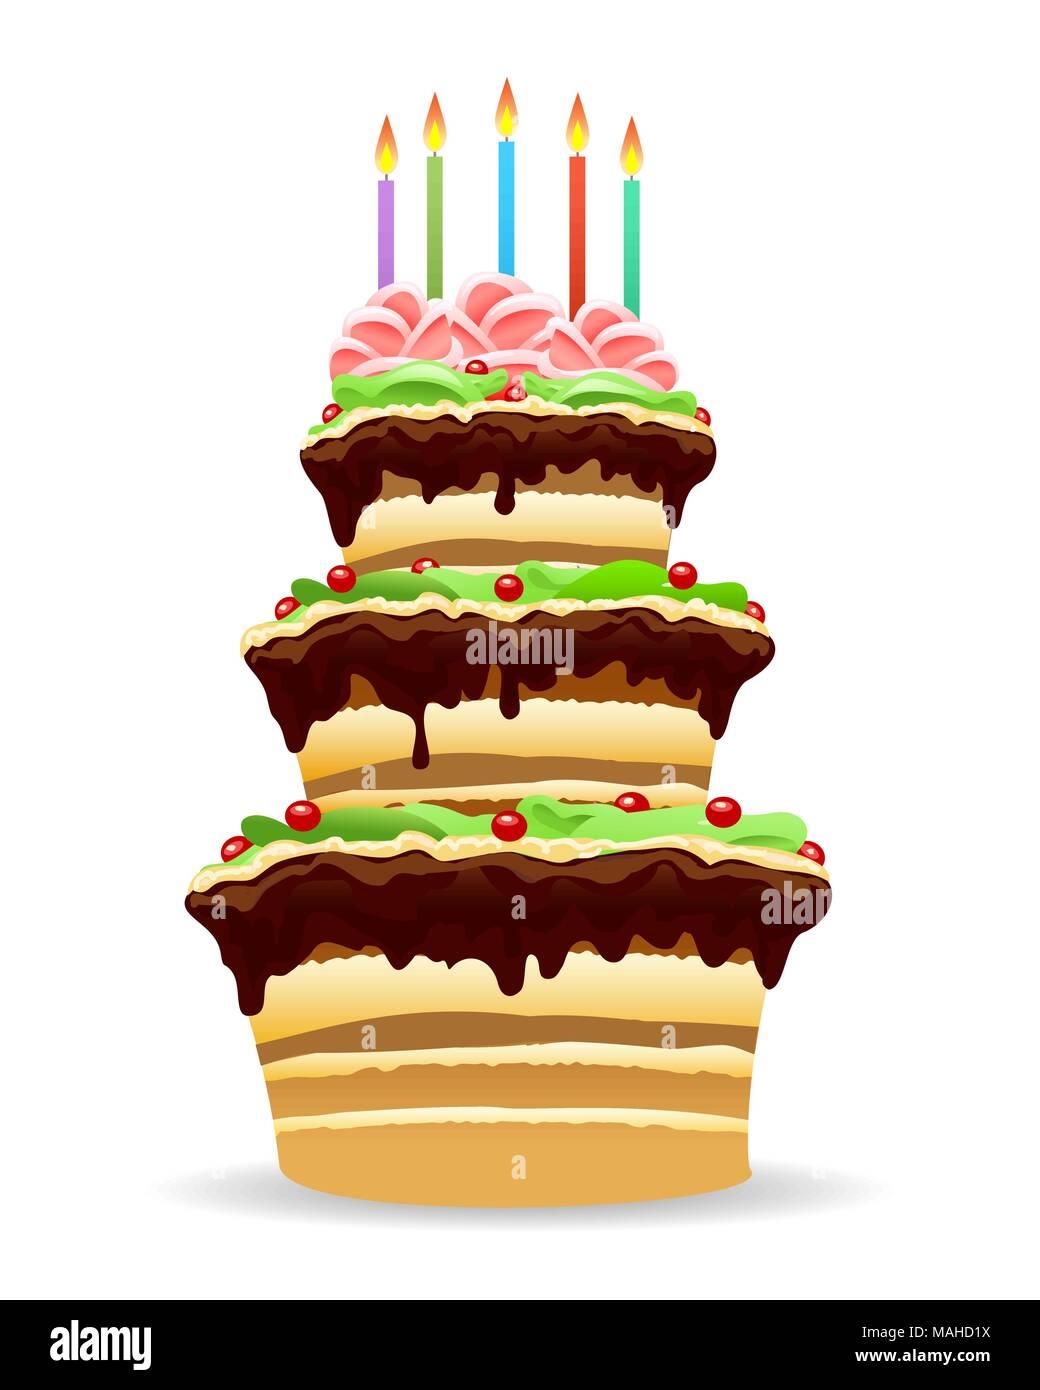 Geburtstag Kuchen Mit Brennenden Kerzen Im Comic Stil Gezeichnet